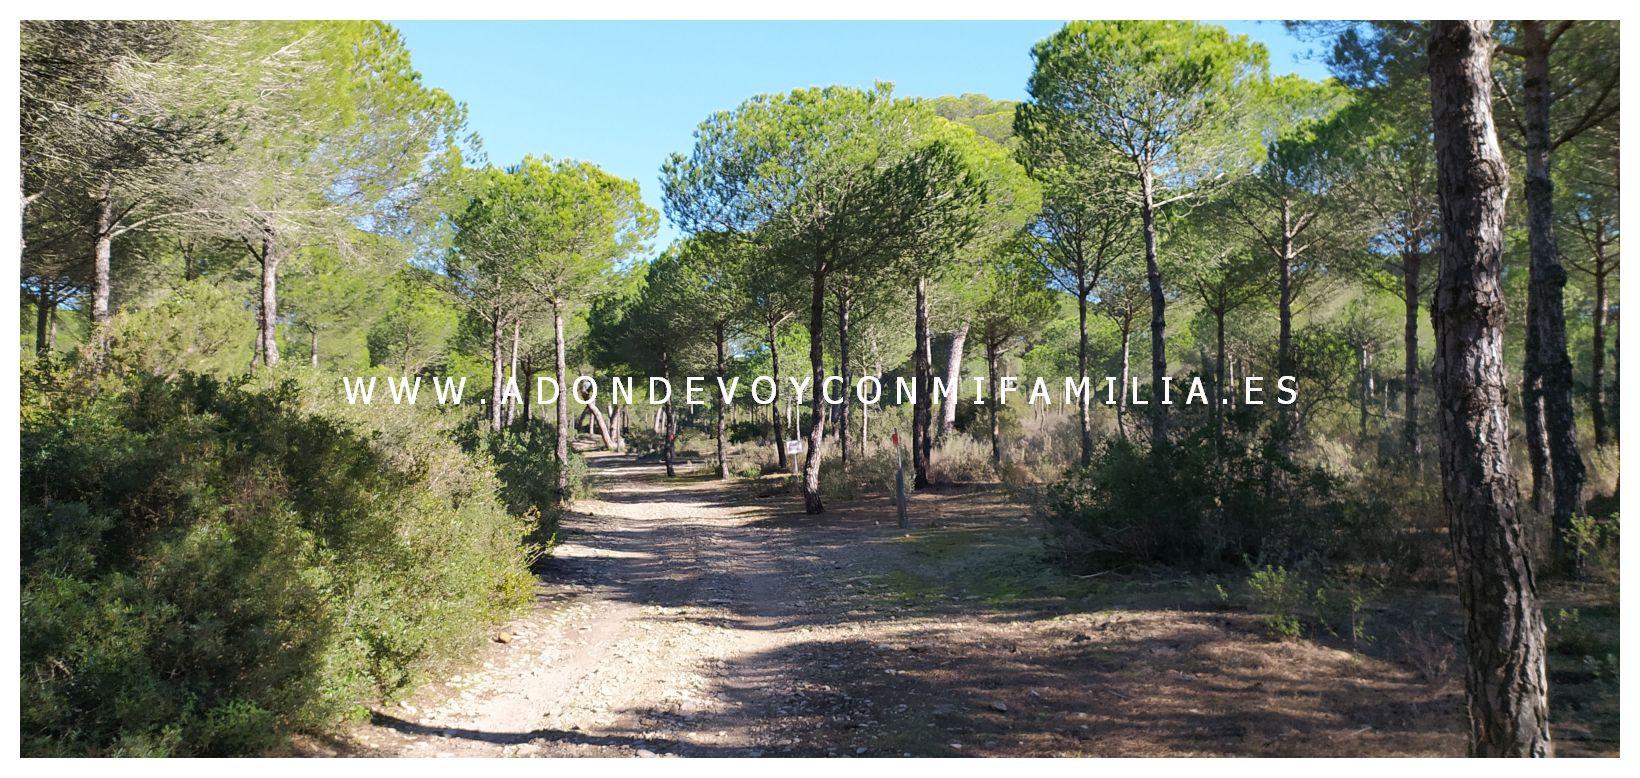 sendero-cerro-del-aguila-pinar-de-la-algaida-sanlucar-adondevoyconmifamilia-12